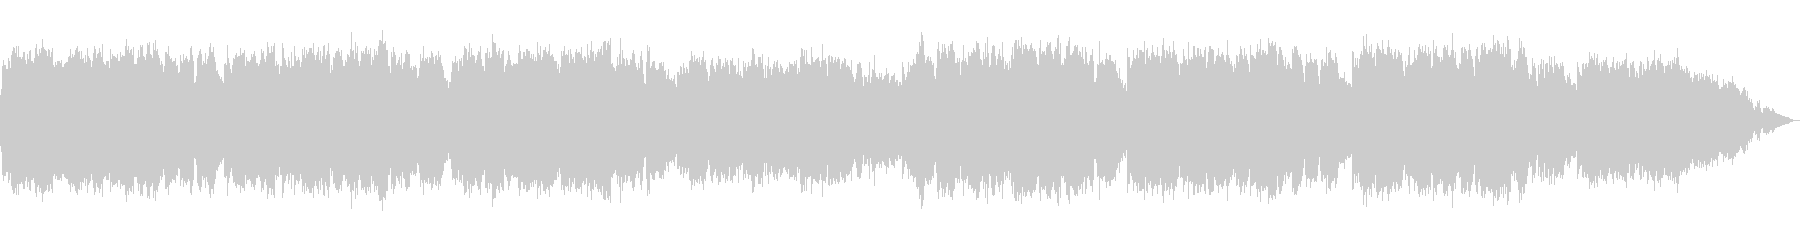 即興的な笛のヒーリング音楽の未再生の波形